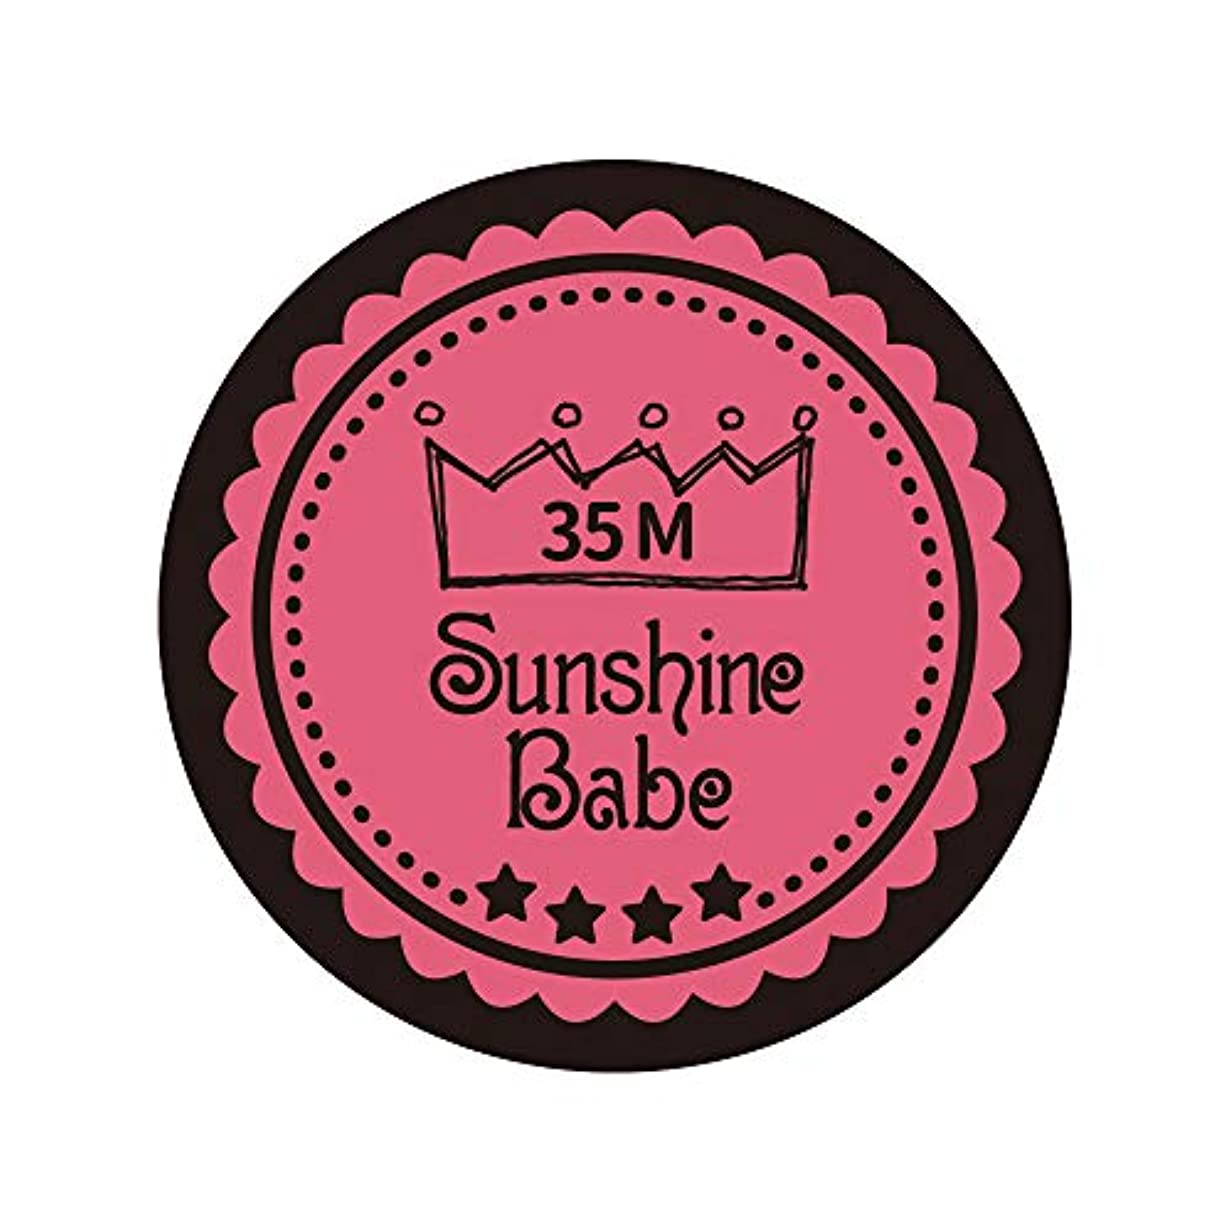 圧縮懺悔触手Sunshine Babe カラージェル 35M ローズピンク 4g UV/LED対応